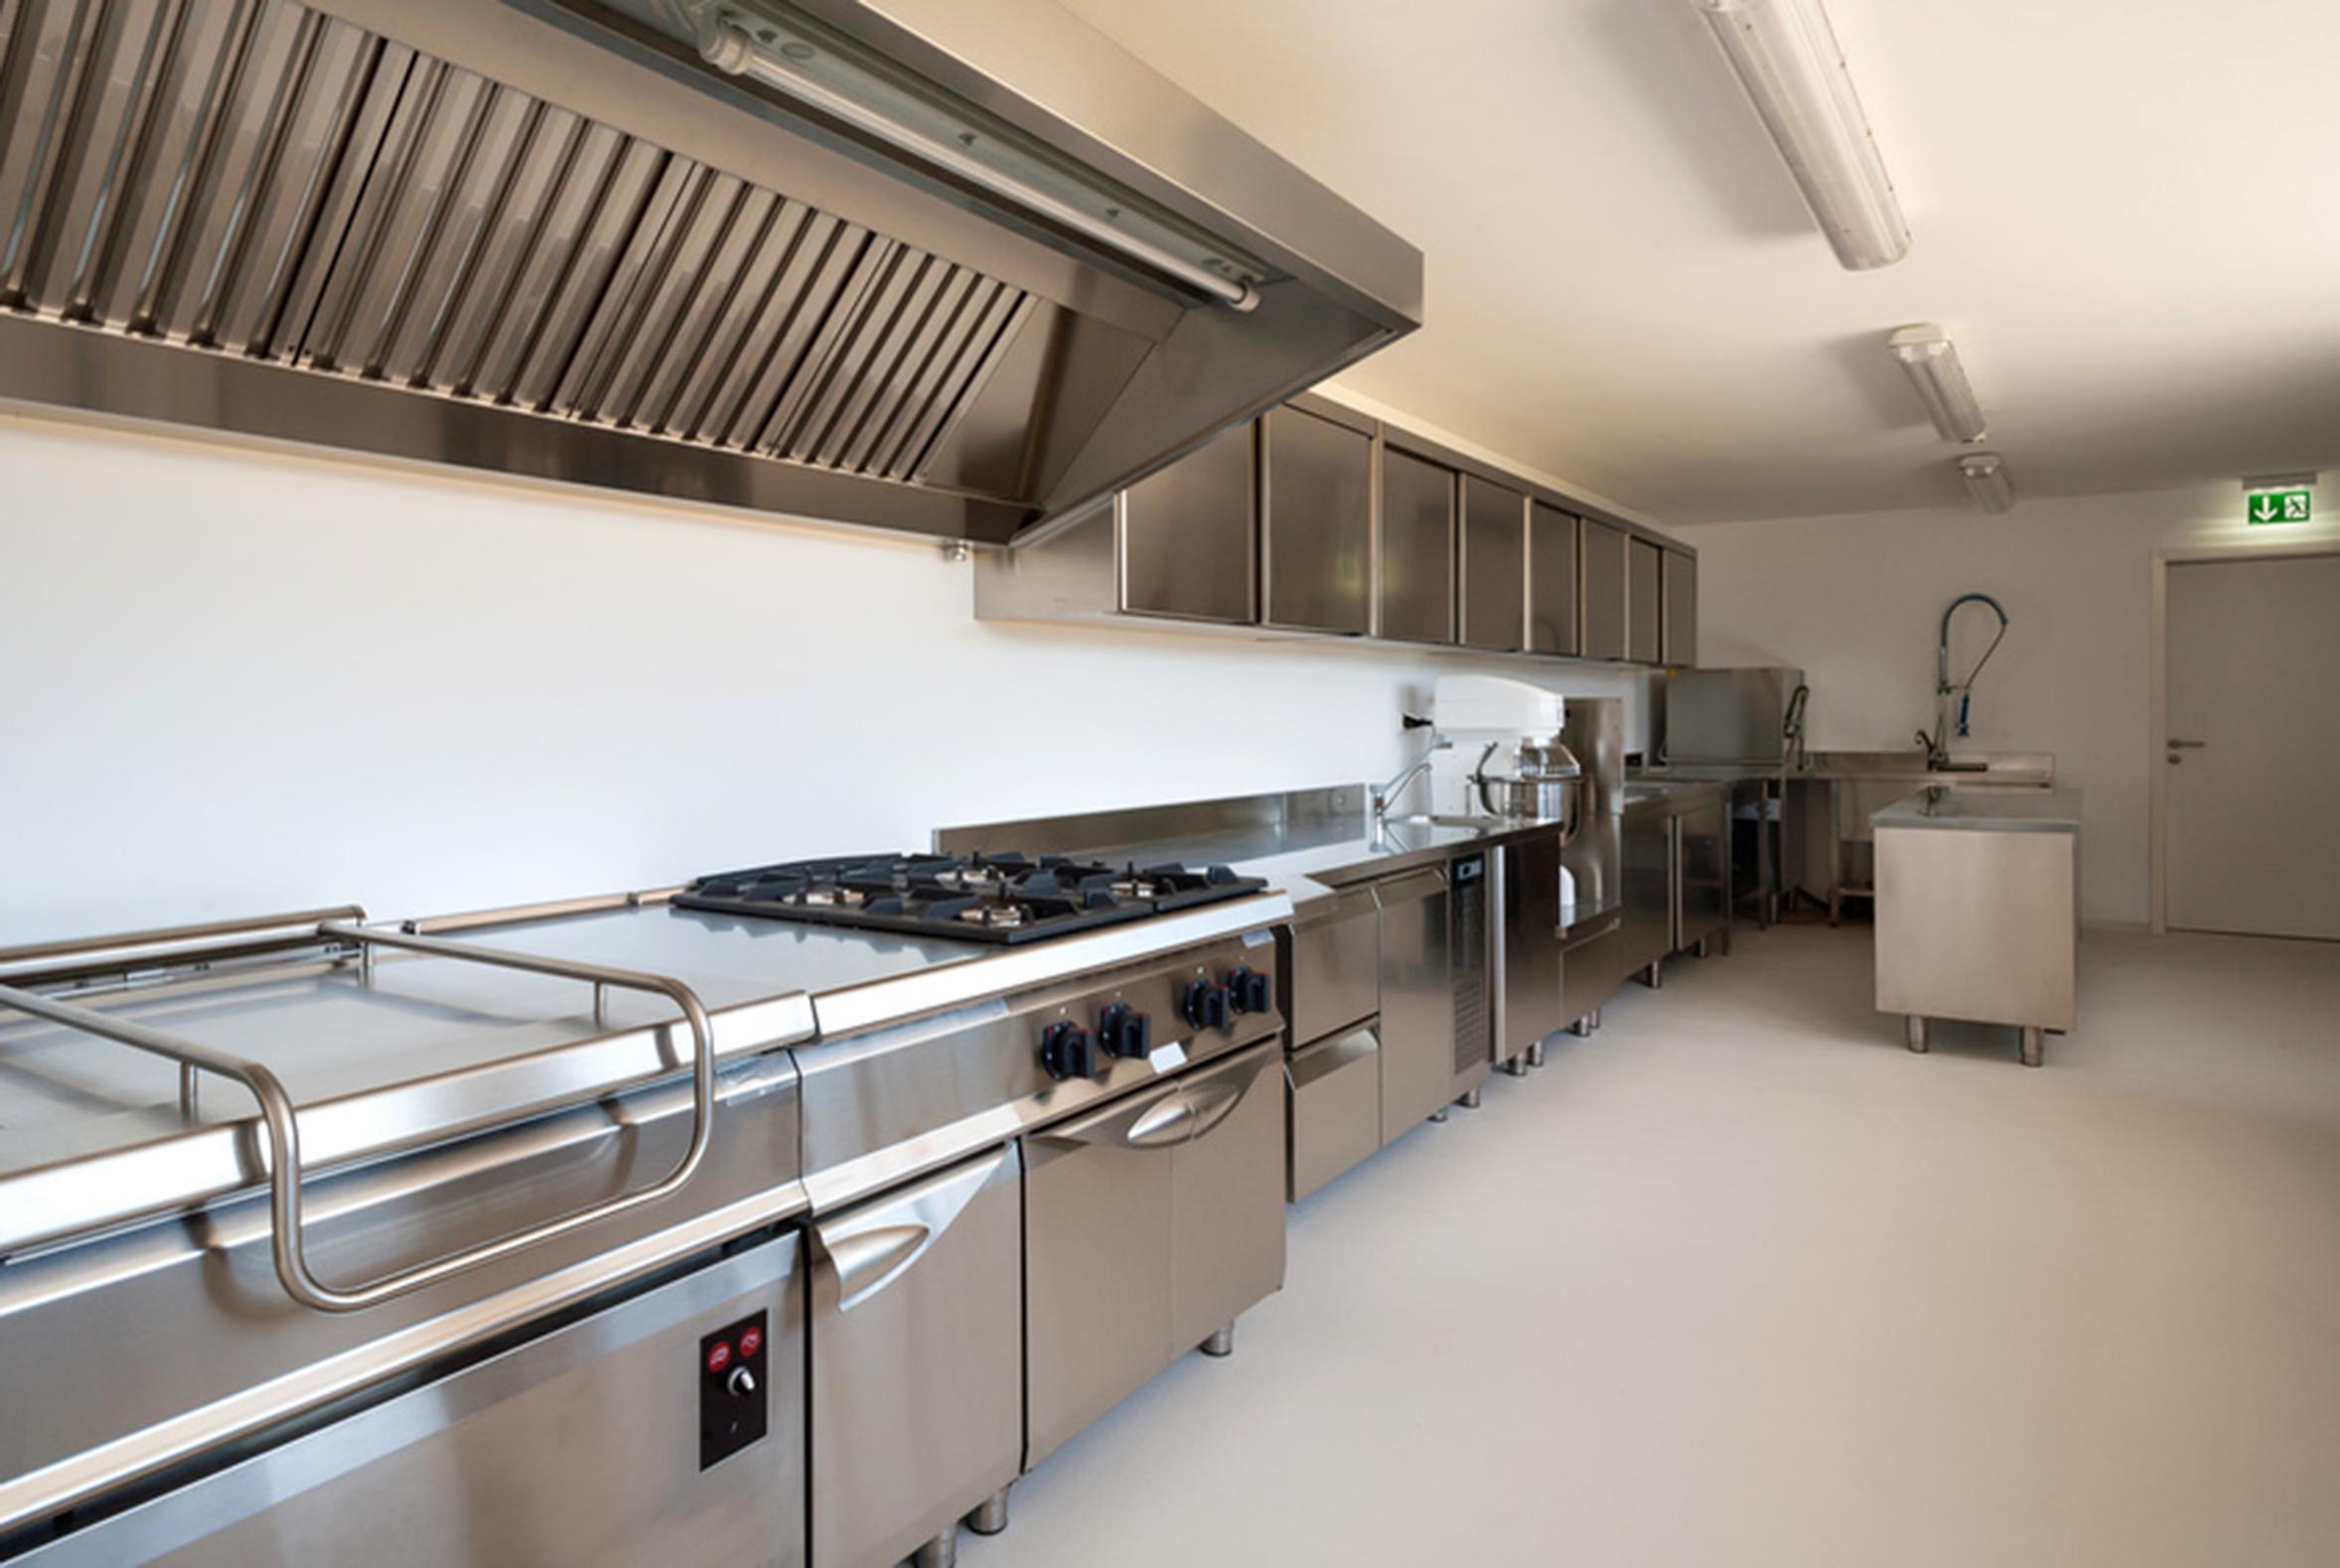 Occifroid equipements de cuisine professionnelle for Equipement cuisine